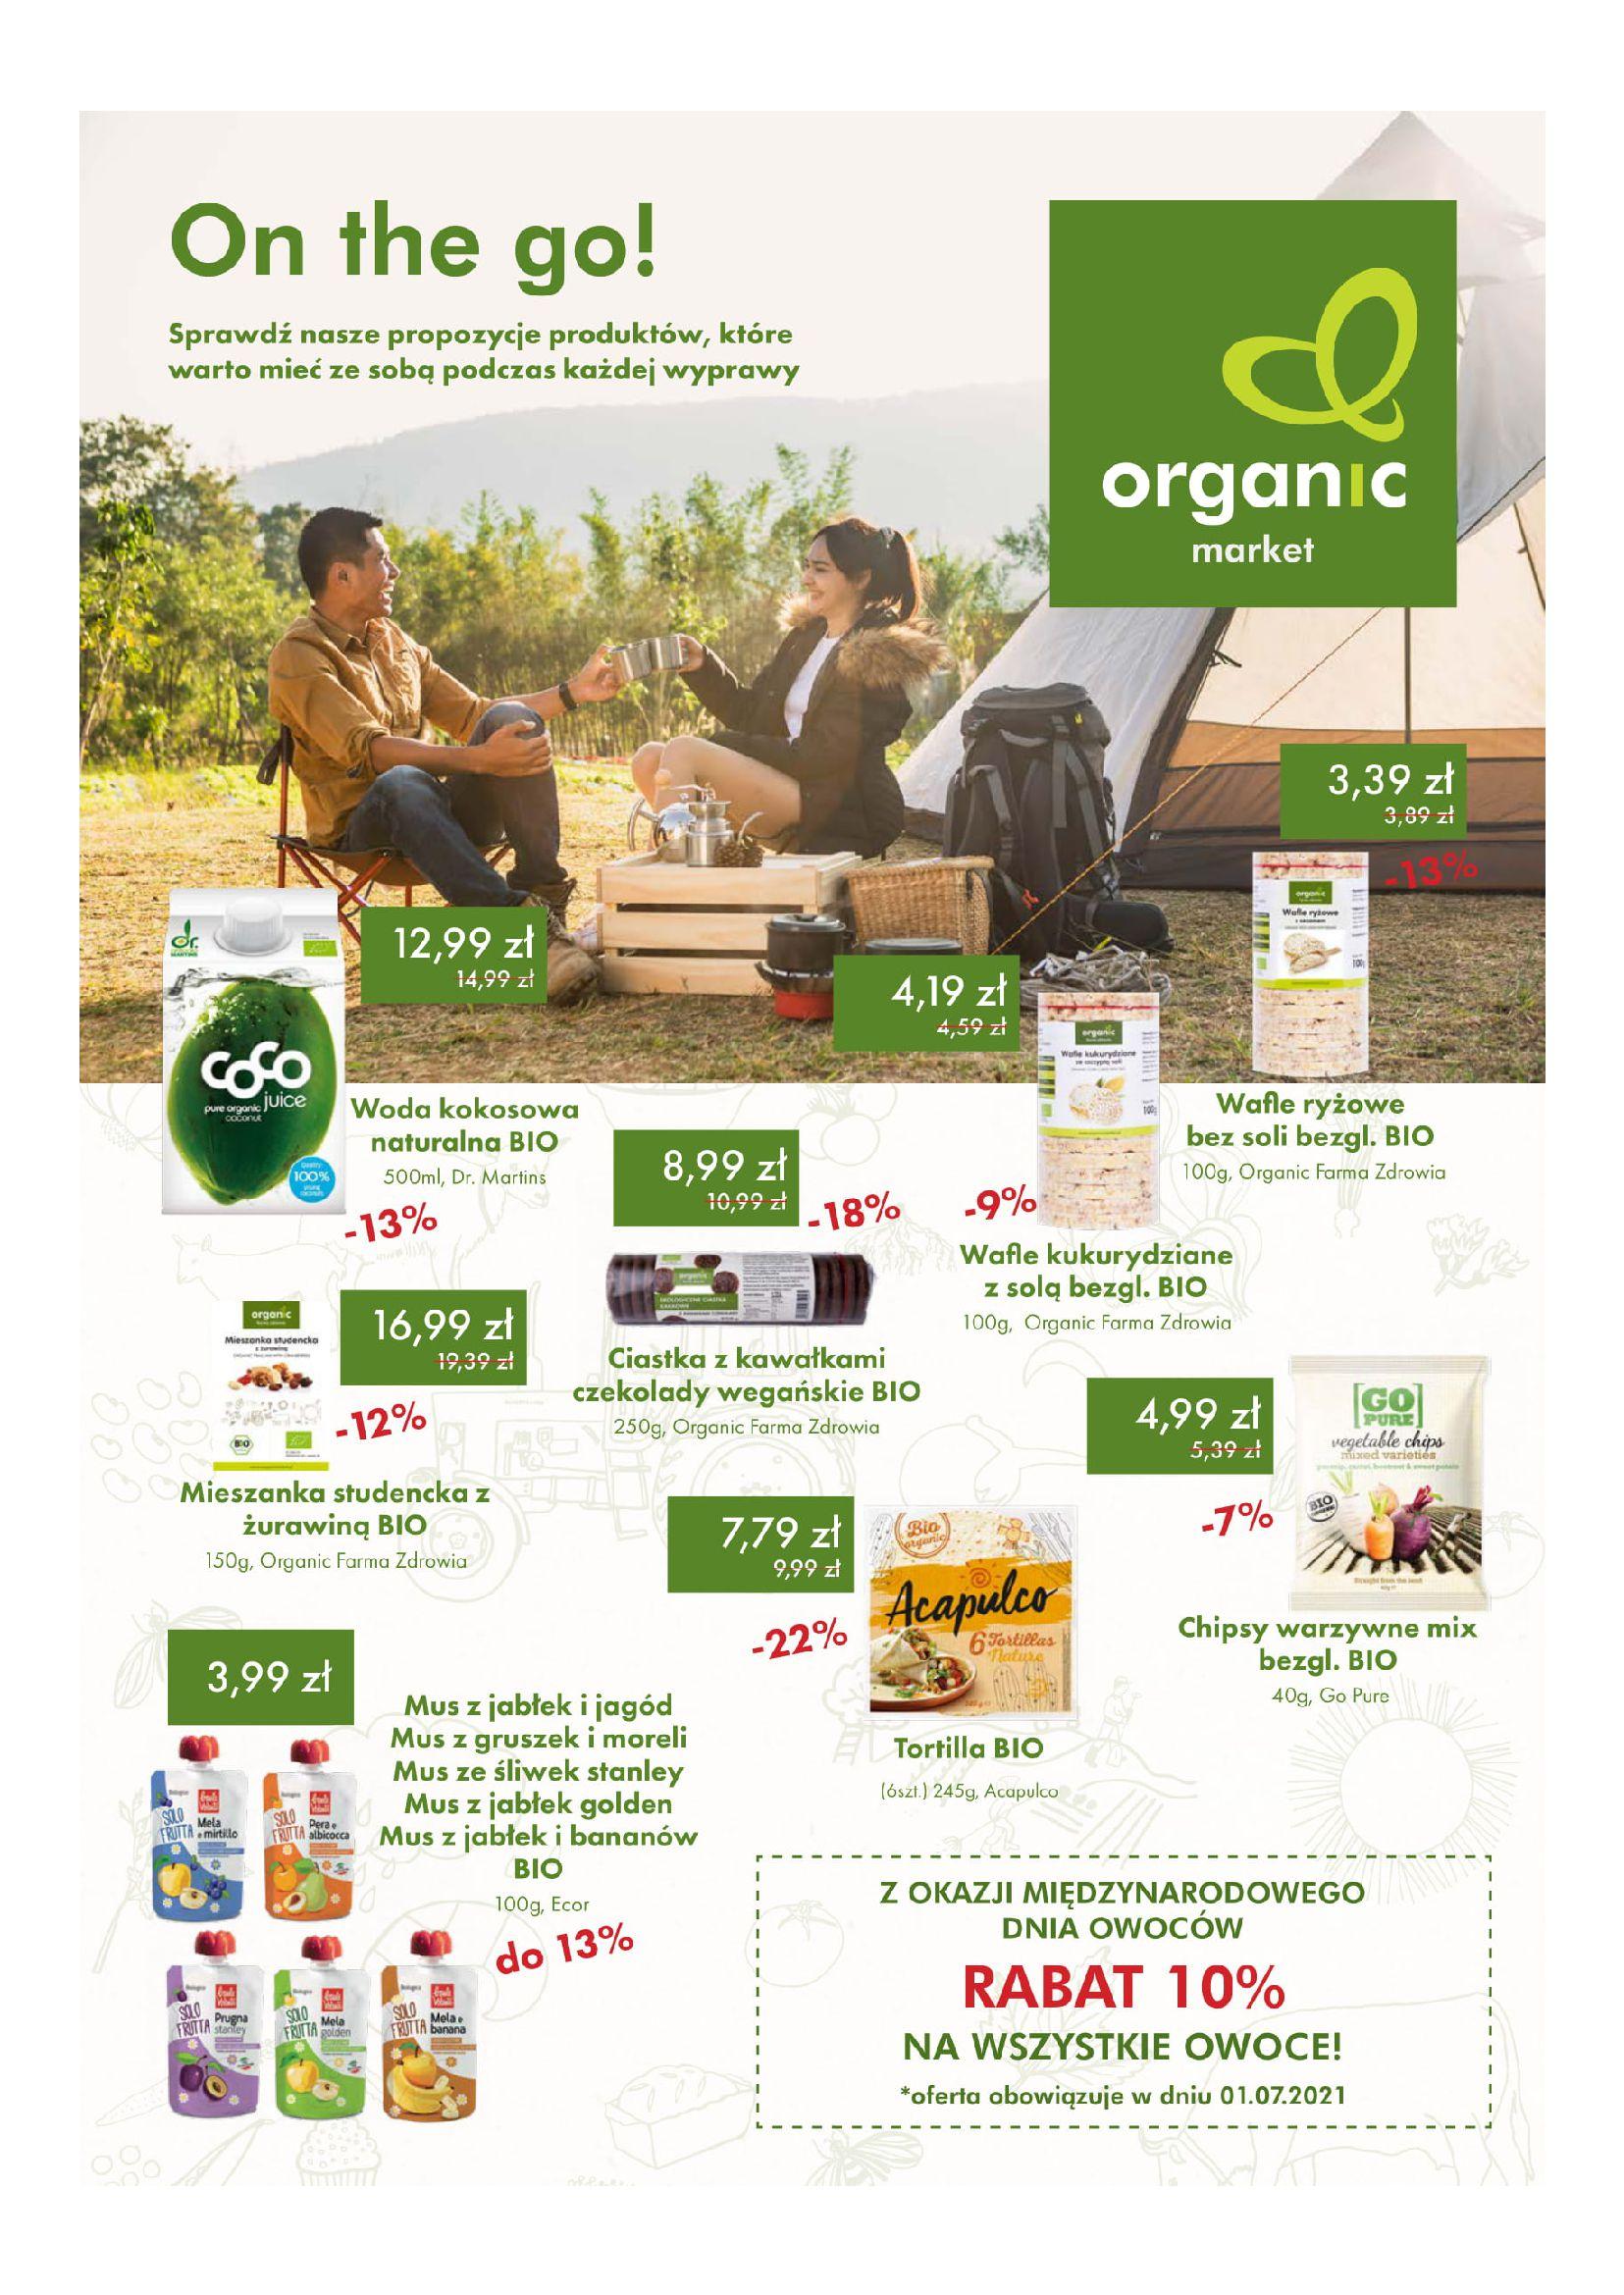 Gazetka Organic Farma Zdrowia: Gazetka Organic Farma Zdrowia 2021-07-01 page-1